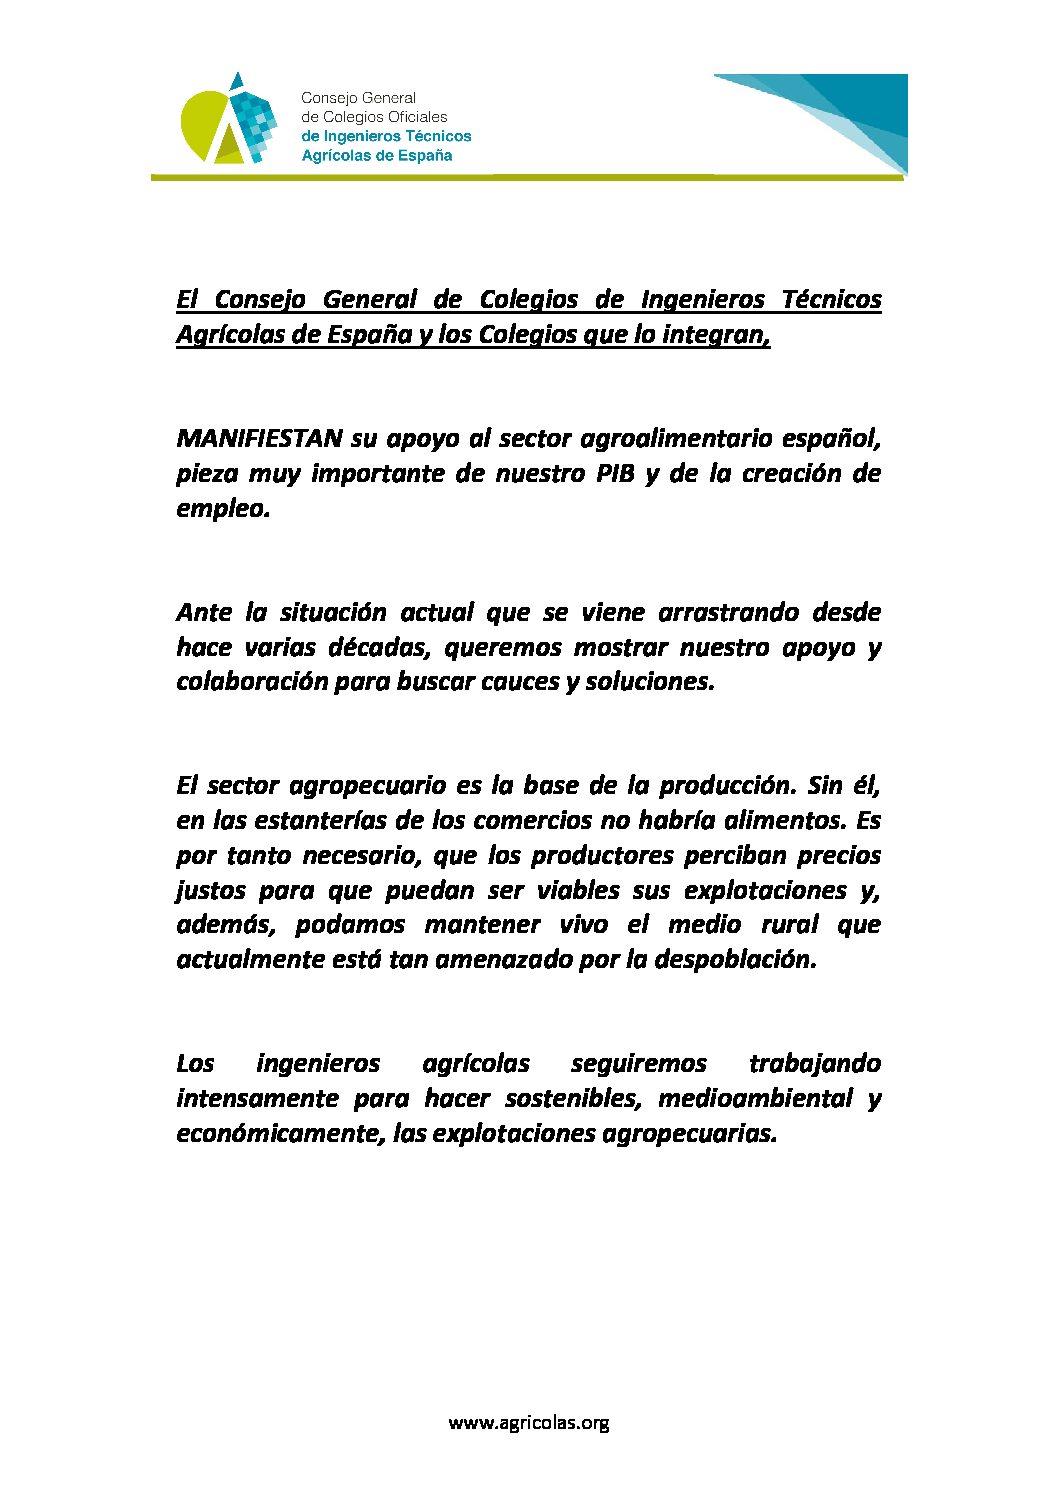 MANIFIESTO APOYO SECTOR AGRARIO